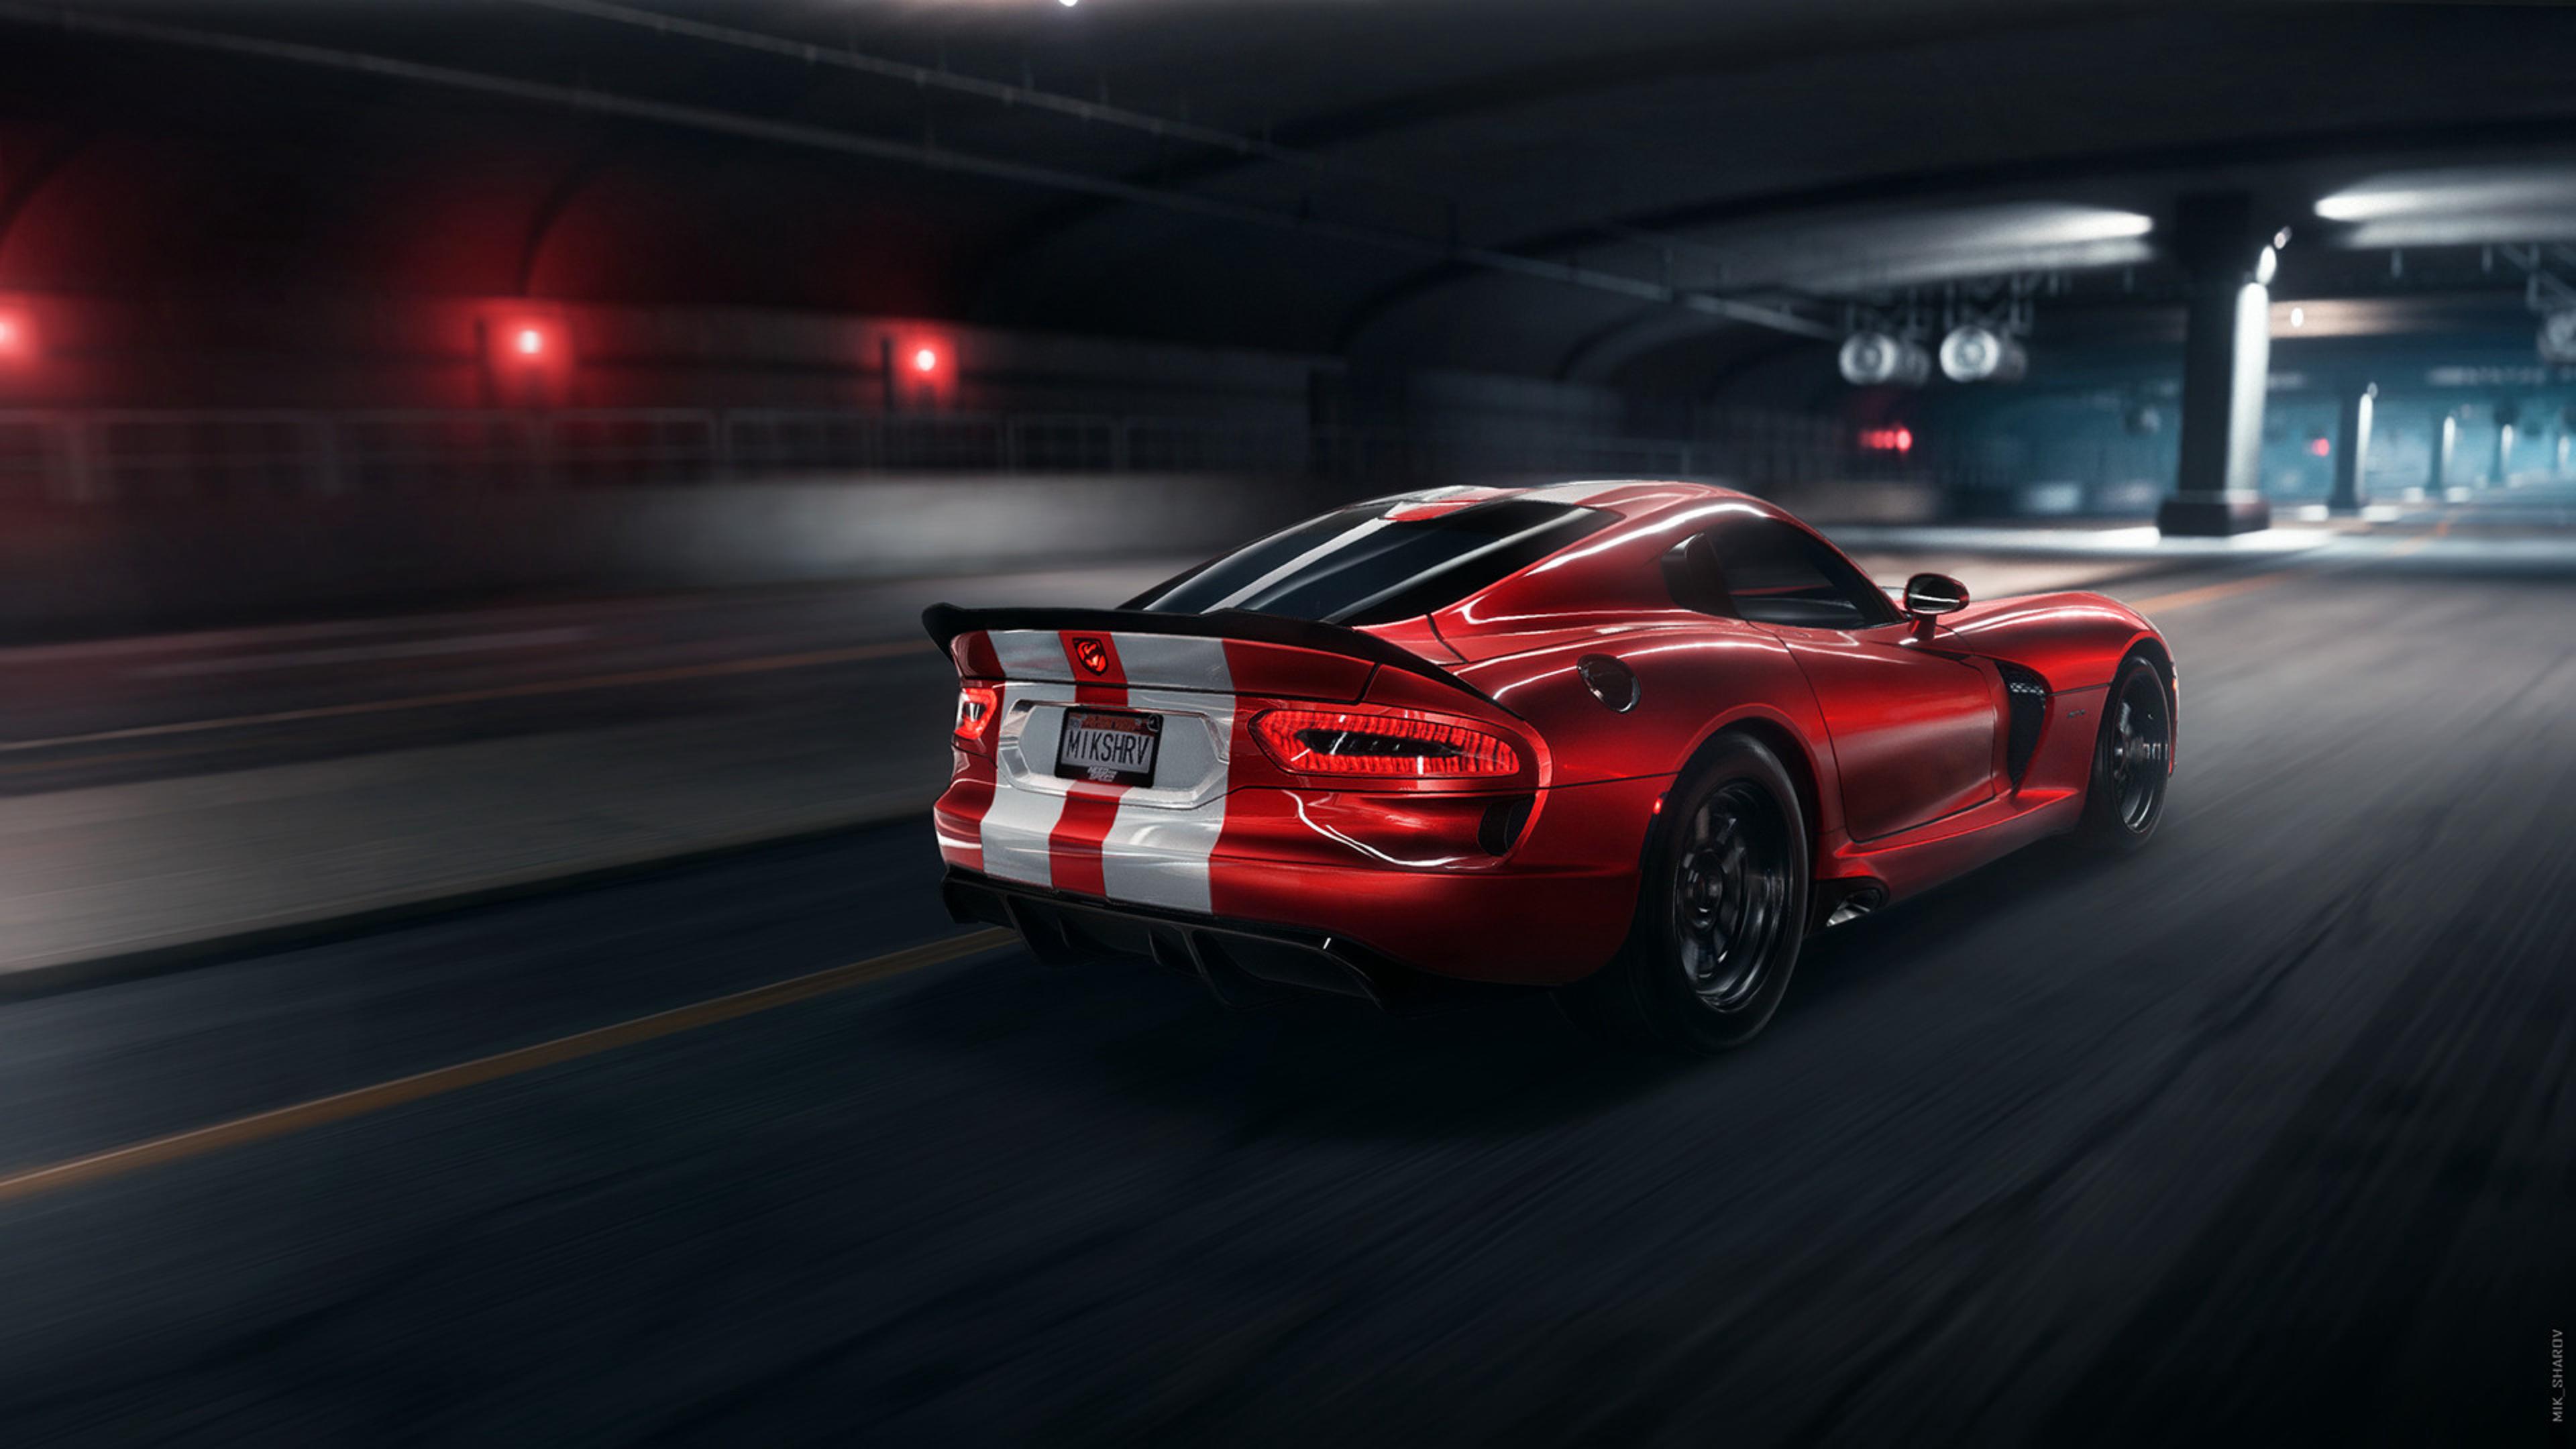 red chevrolet corvette 1562107633 - Red Chevrolet Corvette - racing wallpapers, hd-wallpapers, corvette wallpapers, chevrolet wallpapers, cars wallpapers, 5k wallpapers, 4k-wallpapers